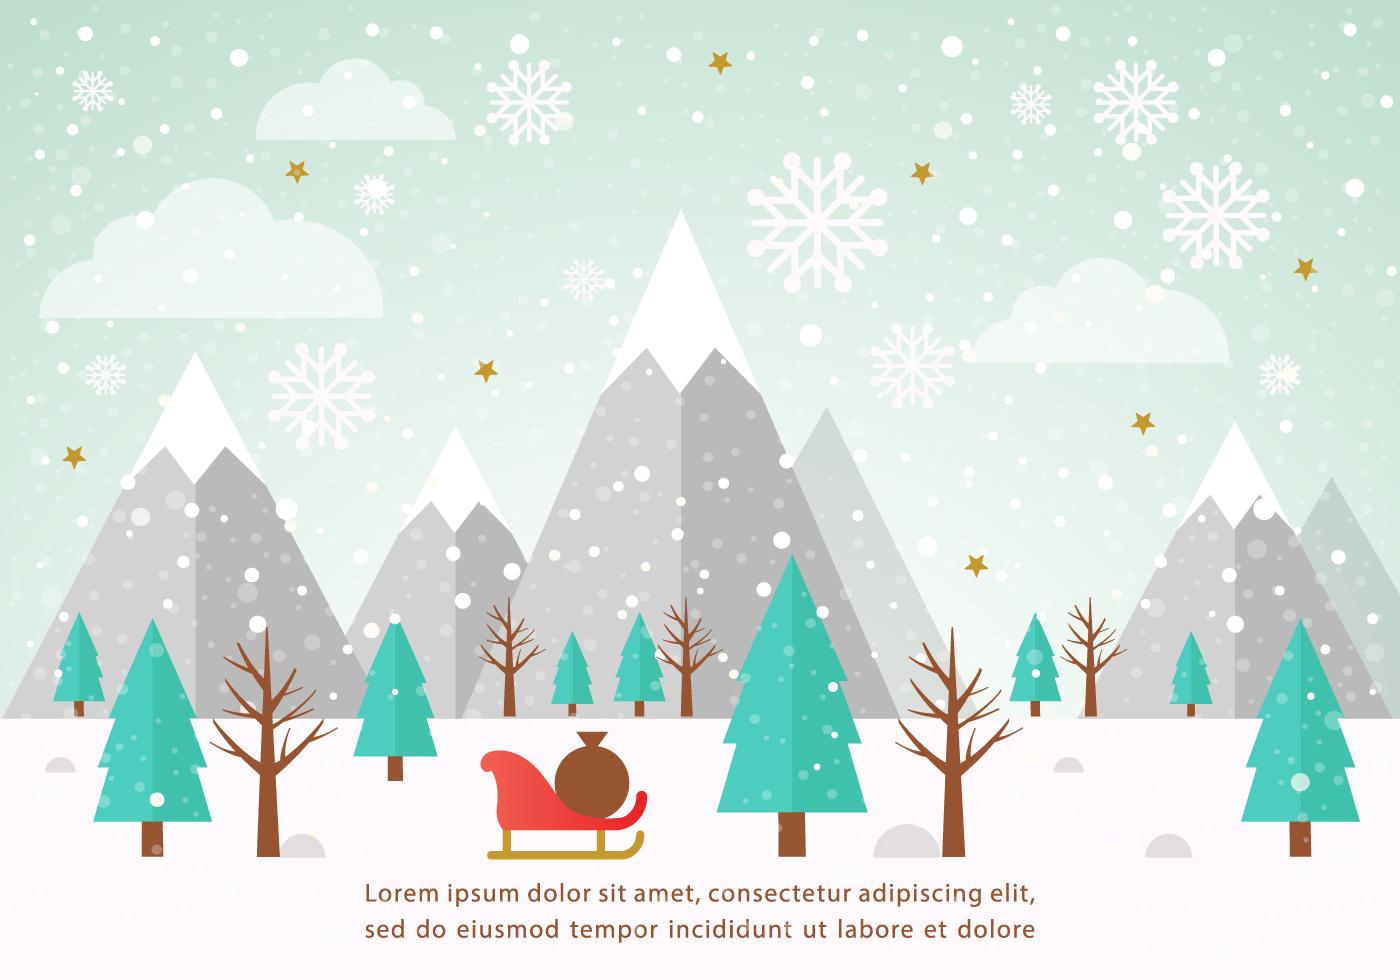 Landscape Illustration Vector Free: (15521 Free Downloads